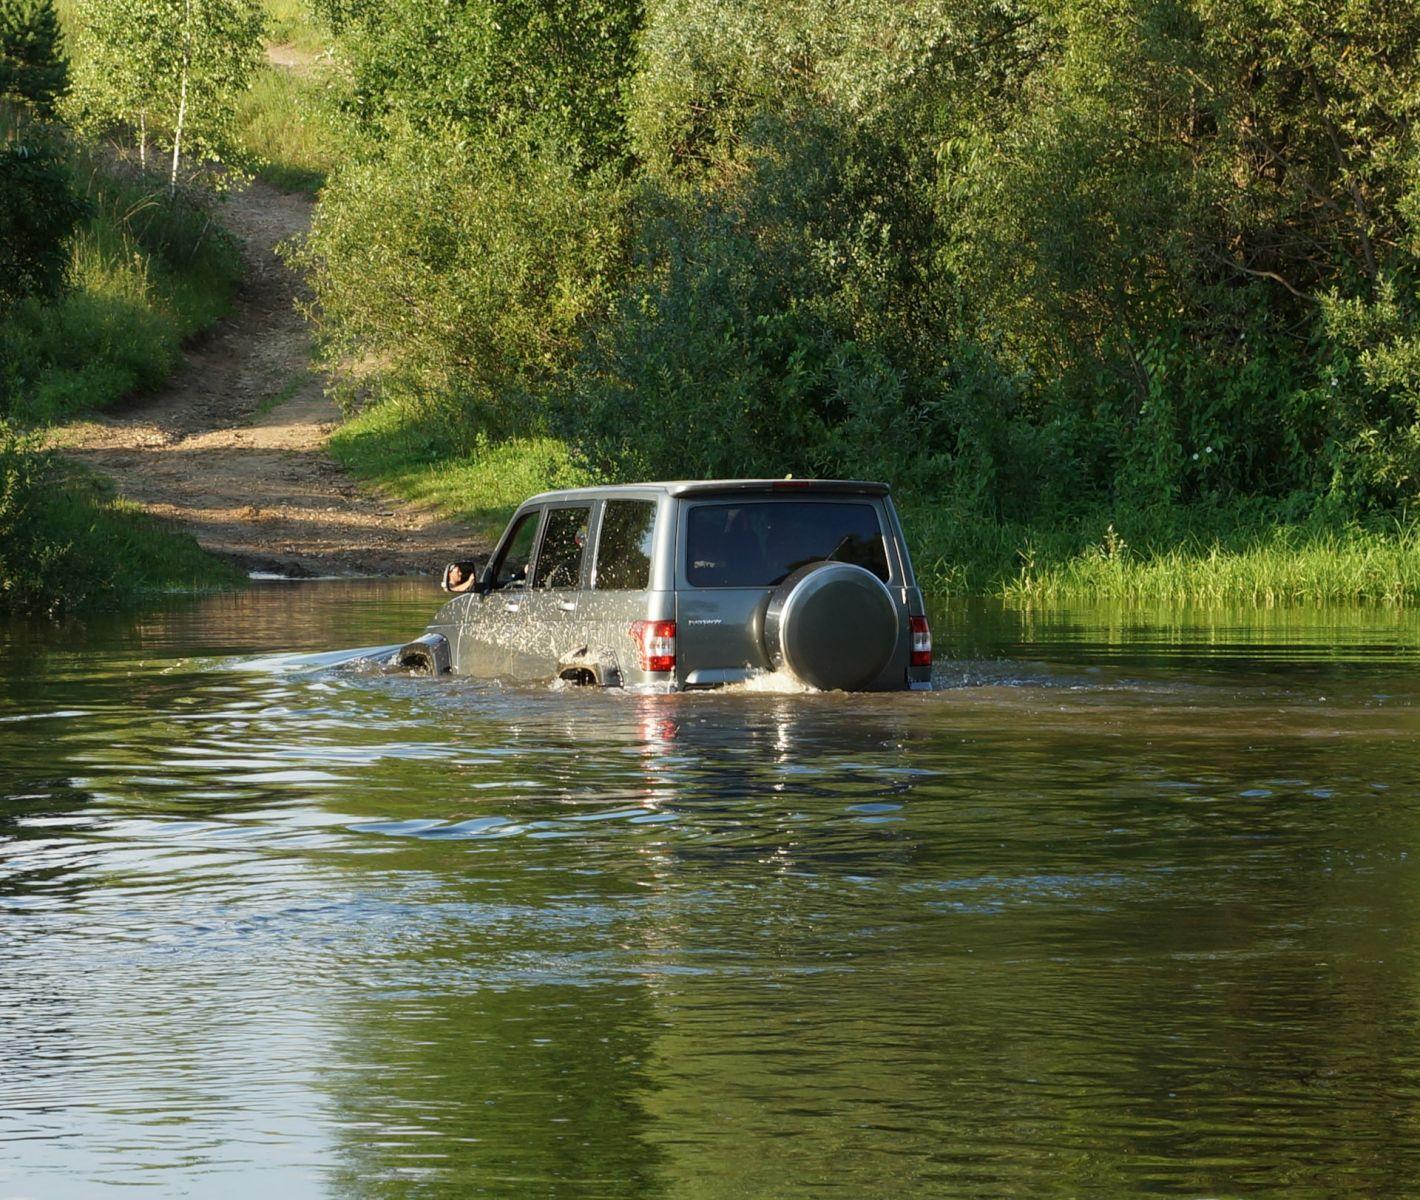 УАЗ Патриот преодолевает водоем